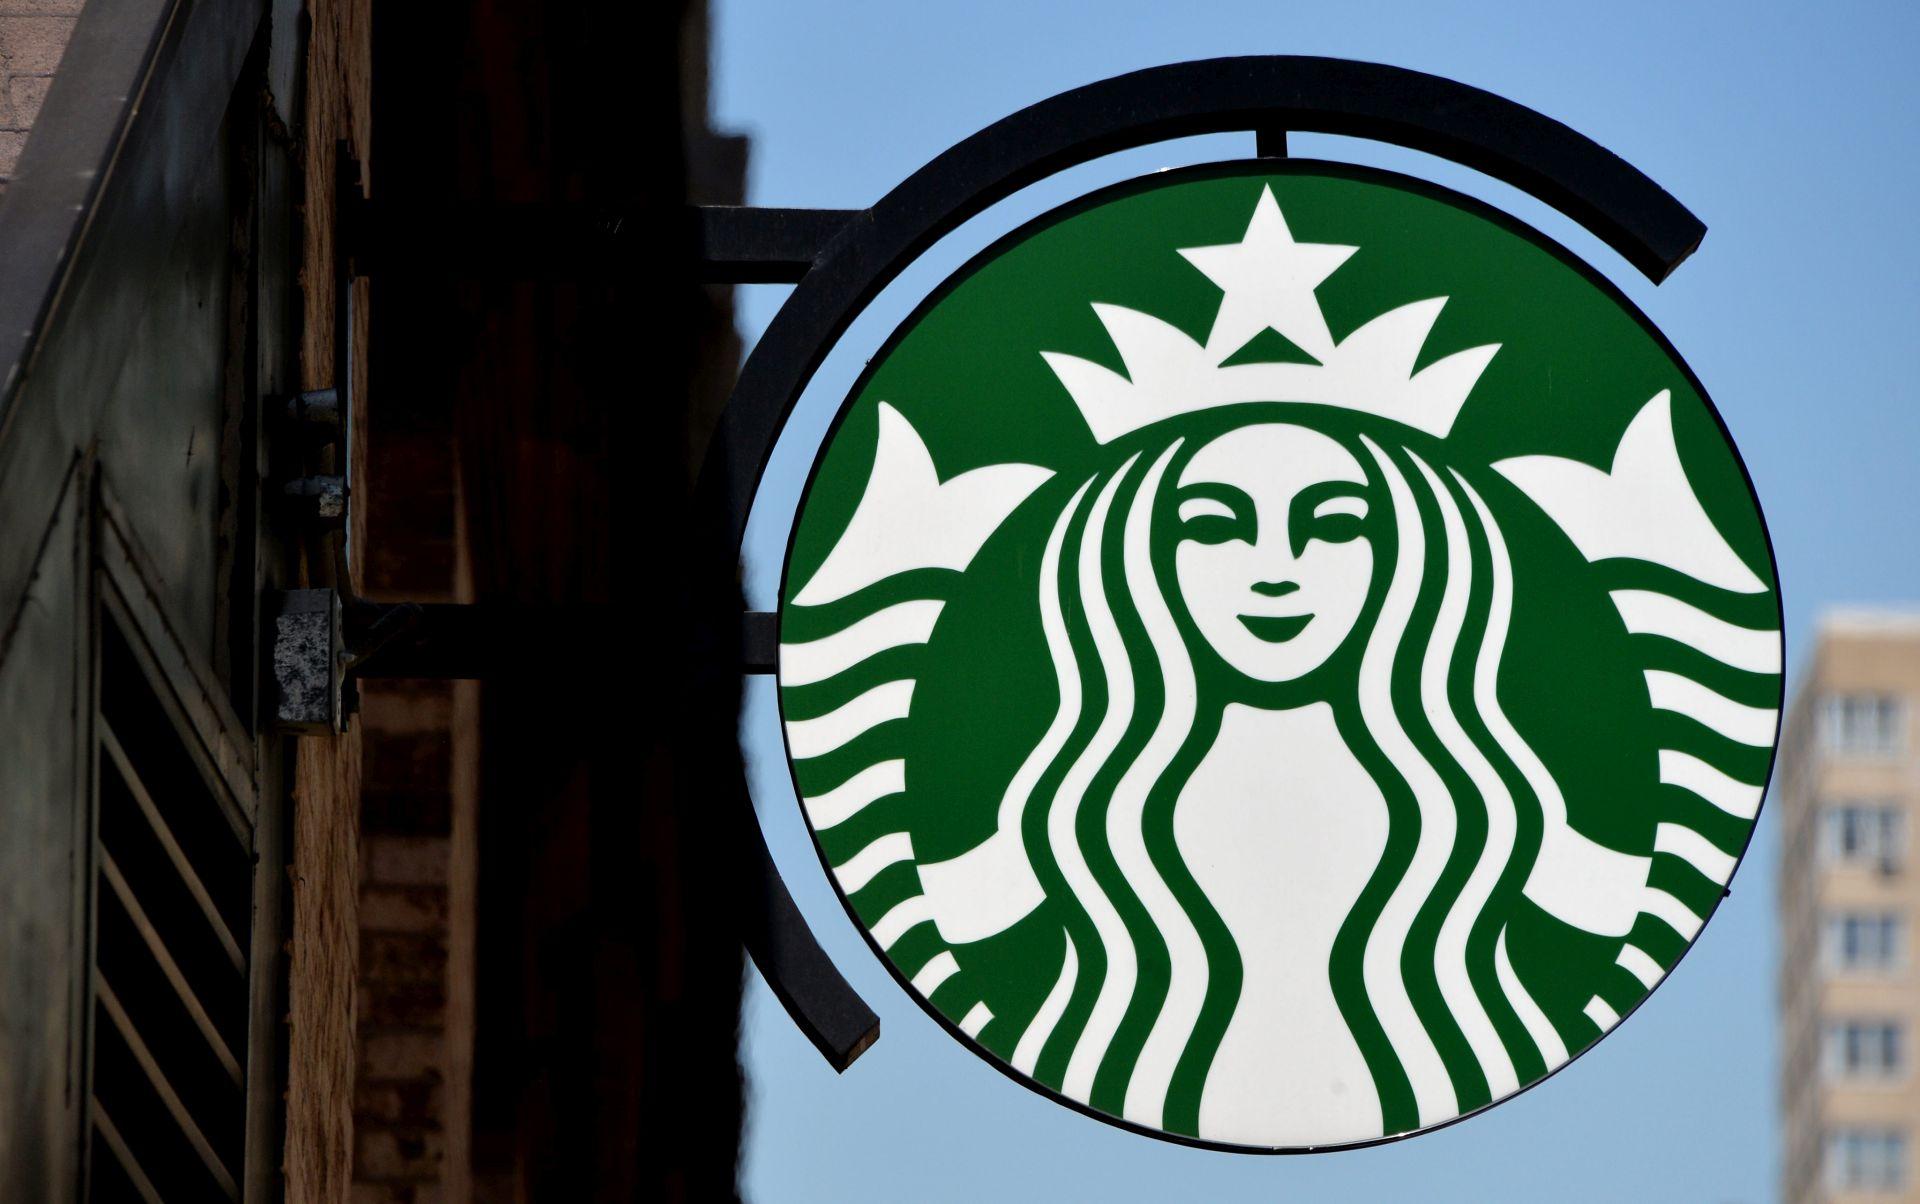 UNATOČ TRUMPOVIM RESTRIKCIJAMA: Starbucks će zaposliti 10.000 izbjeglica